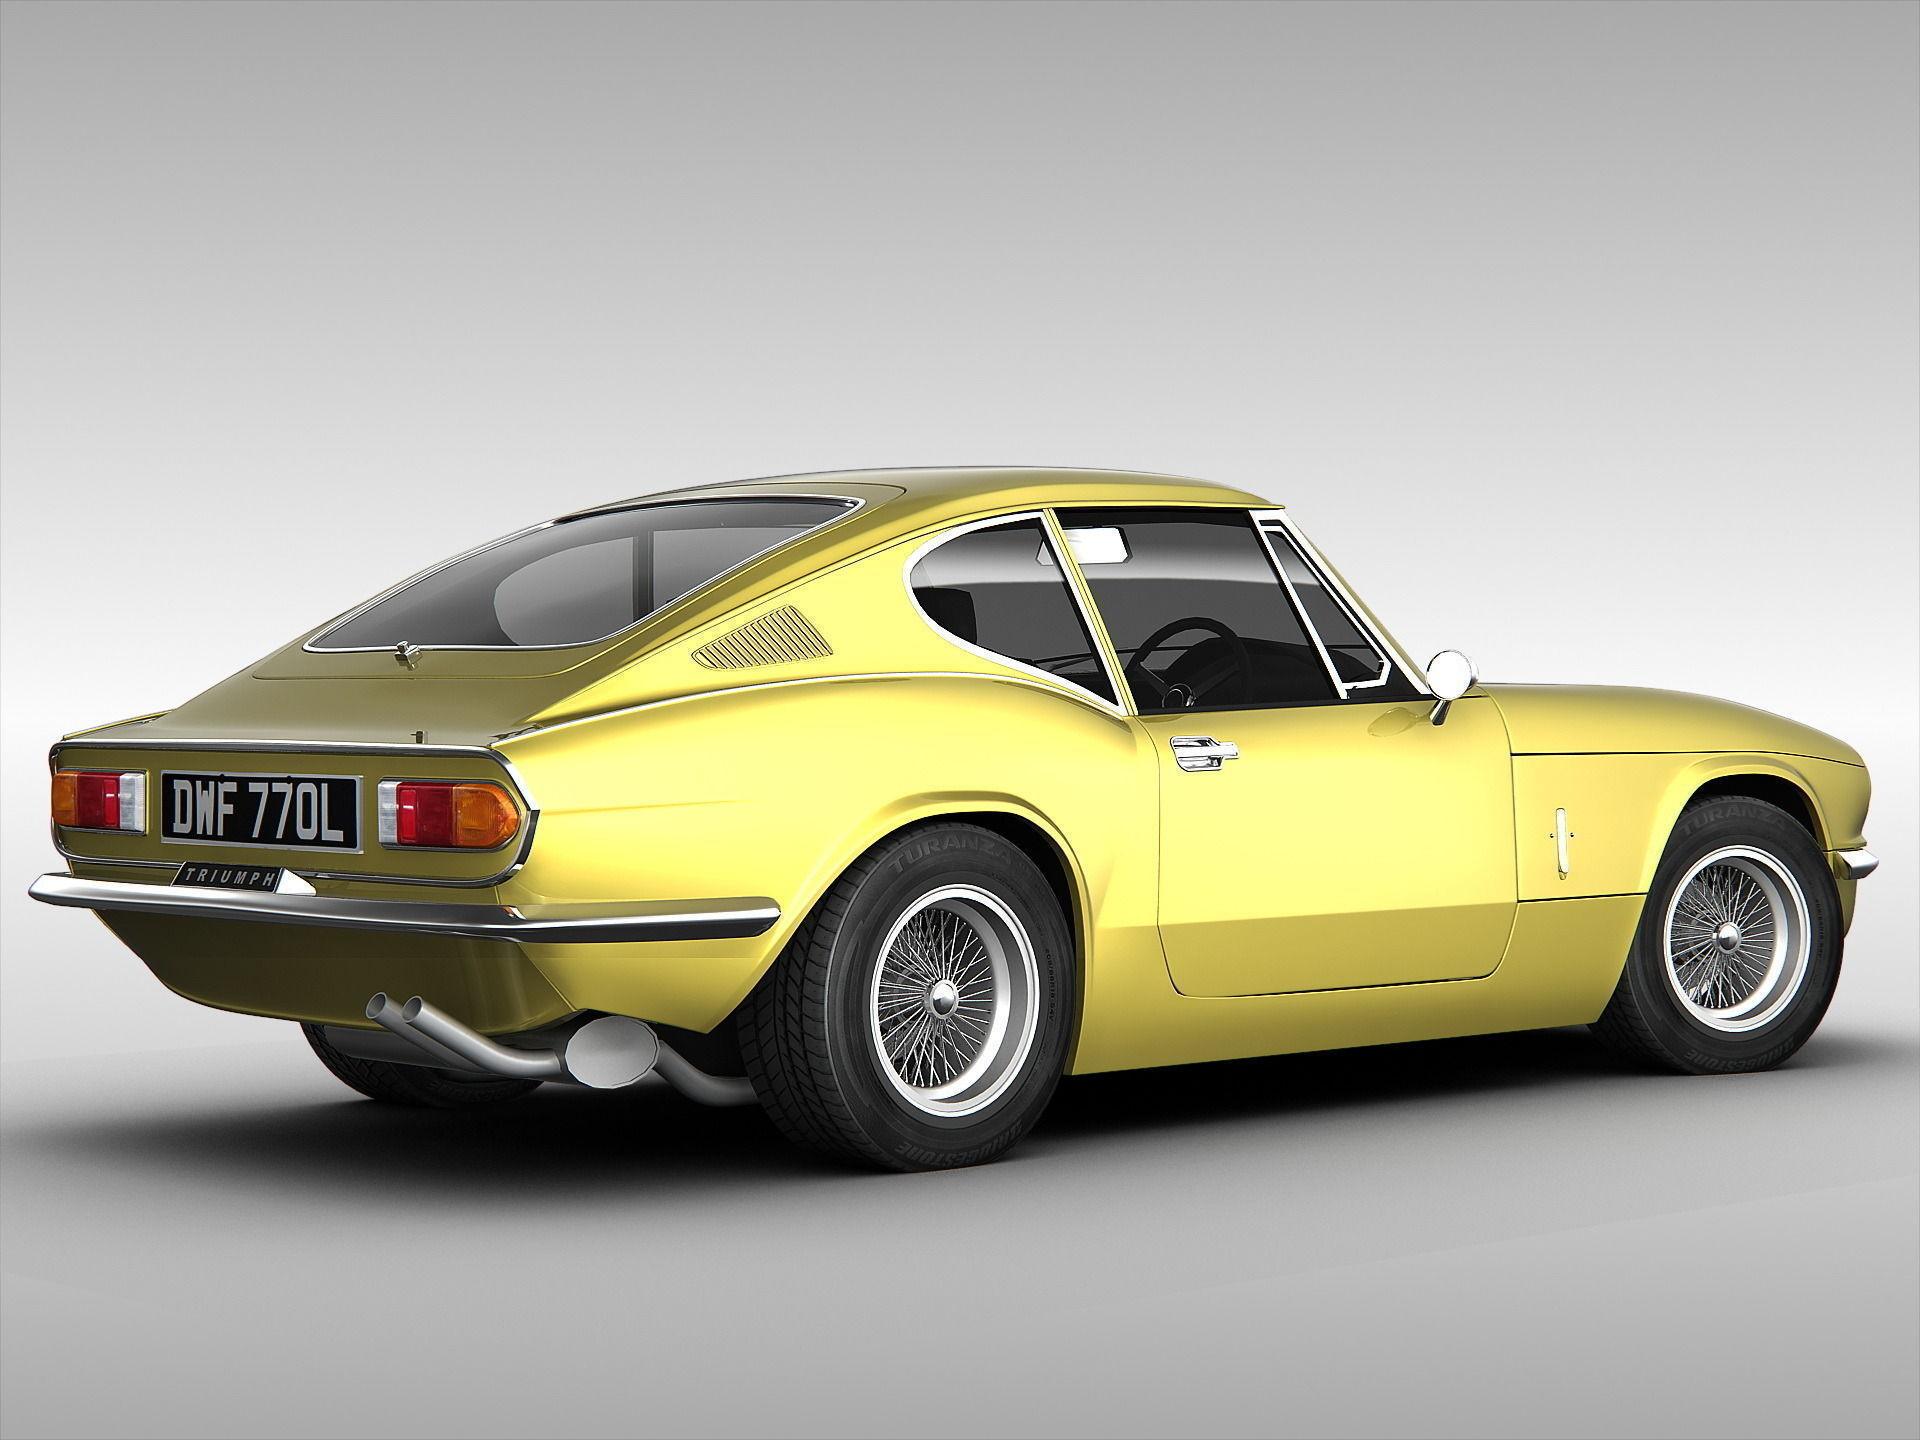 Triumph Gt6 Mk3 1973 3d Model Max Obj 3ds Cgtrader Com